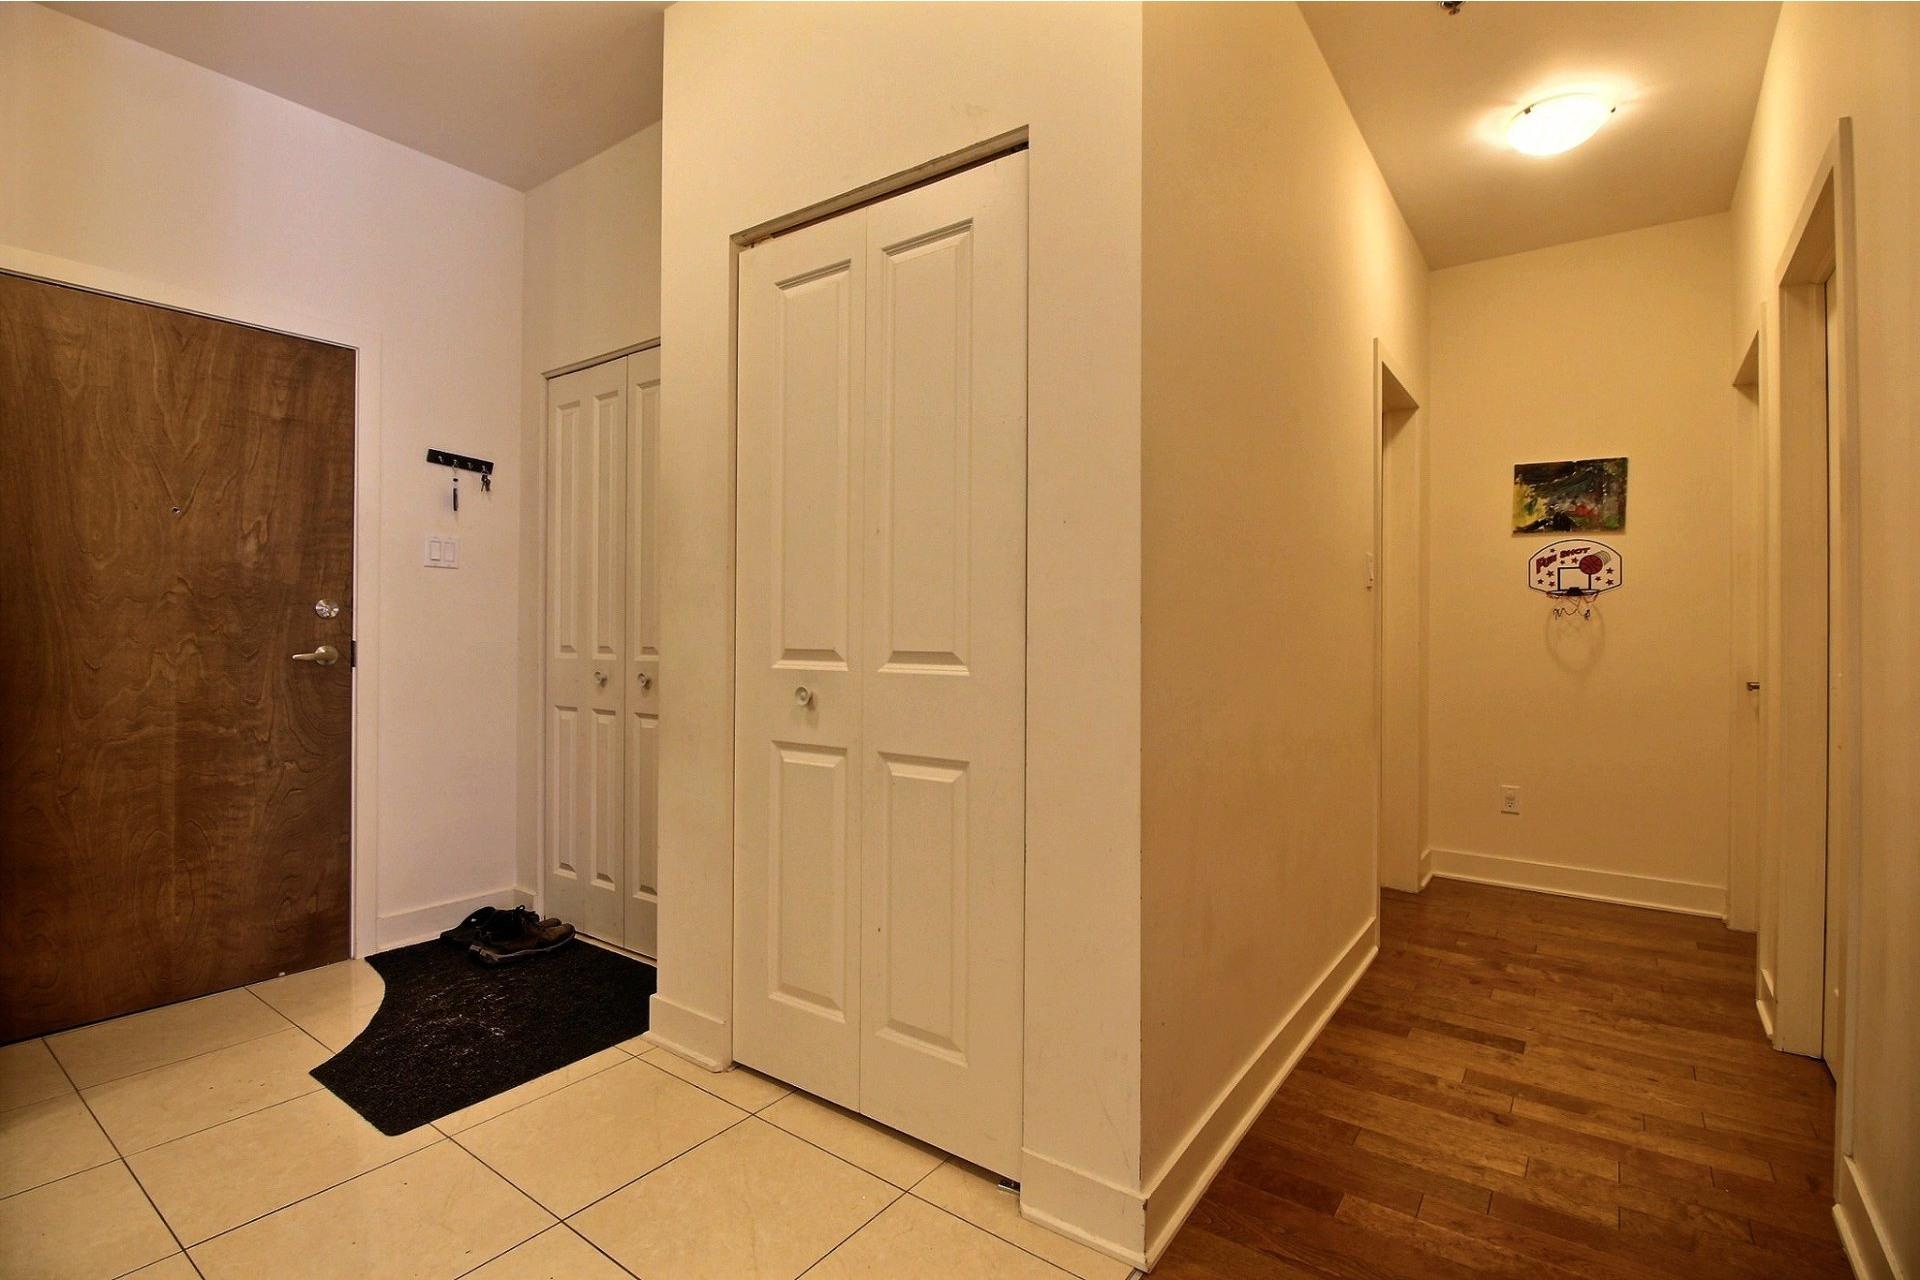 image 11 - Apartment For rent Rivière-des-Prairies/Pointe-aux-Trembles Montréal  - 6 rooms